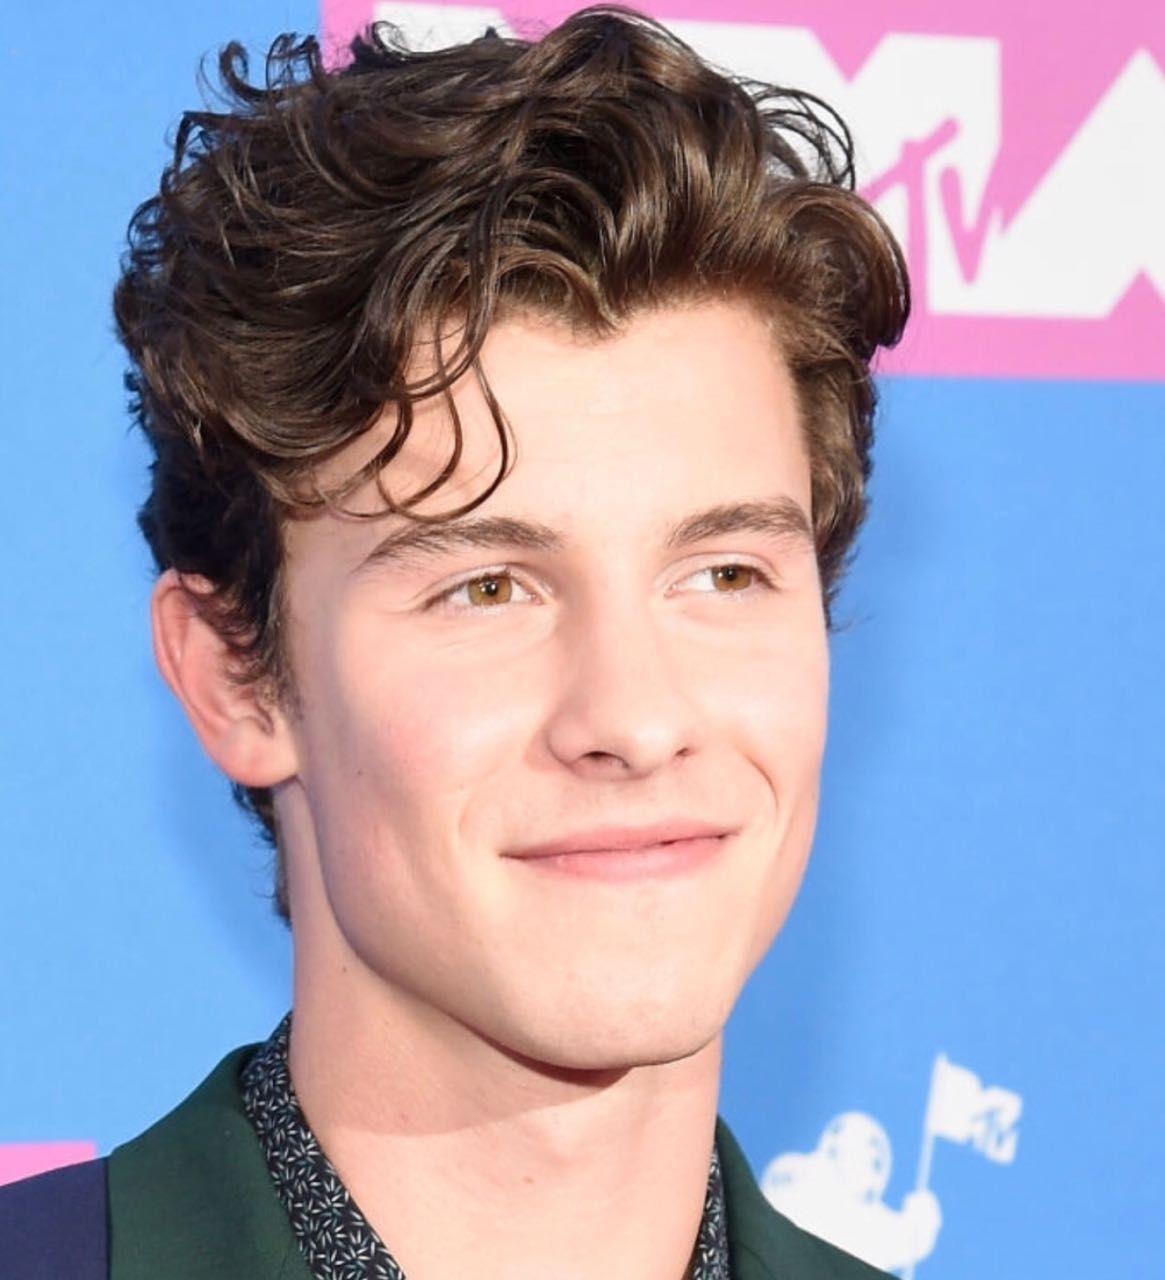 Shawn Mendes Vmas 2018 Shawn Mendes Hair Shawn Mendes Shawn